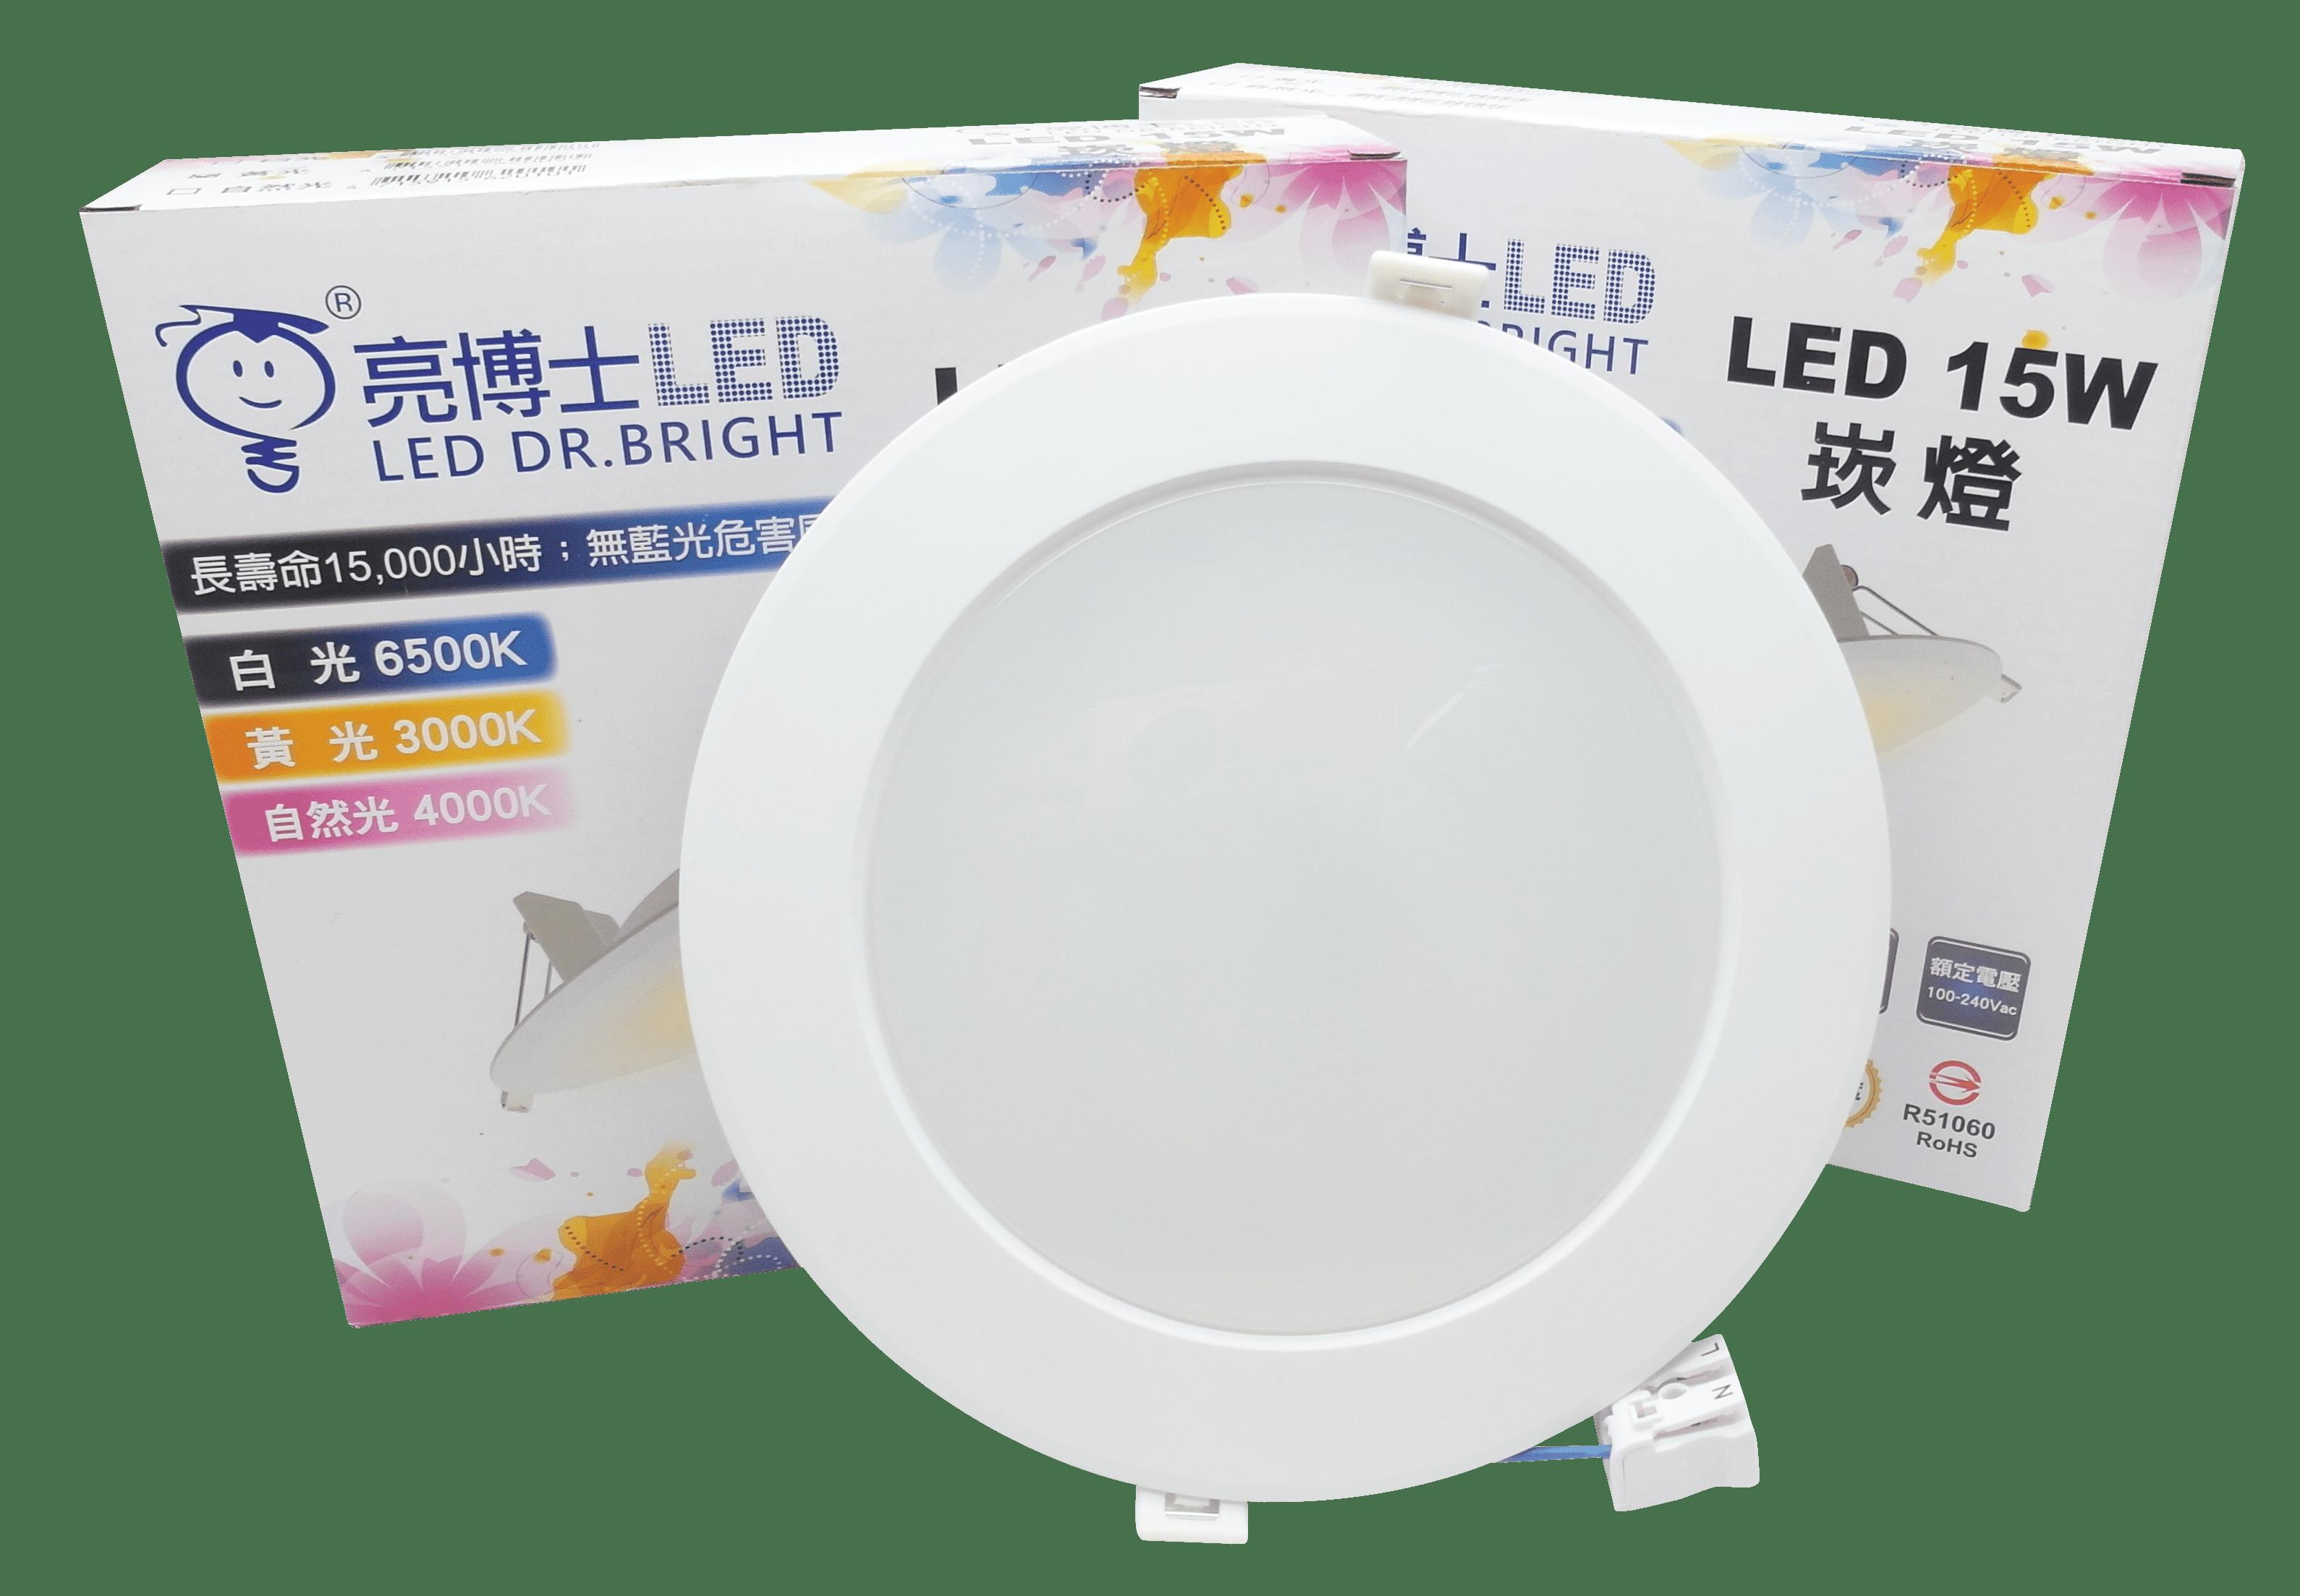 【618購物節】亮博士 15公分 15w led崁燈 白光 黃光 自然光